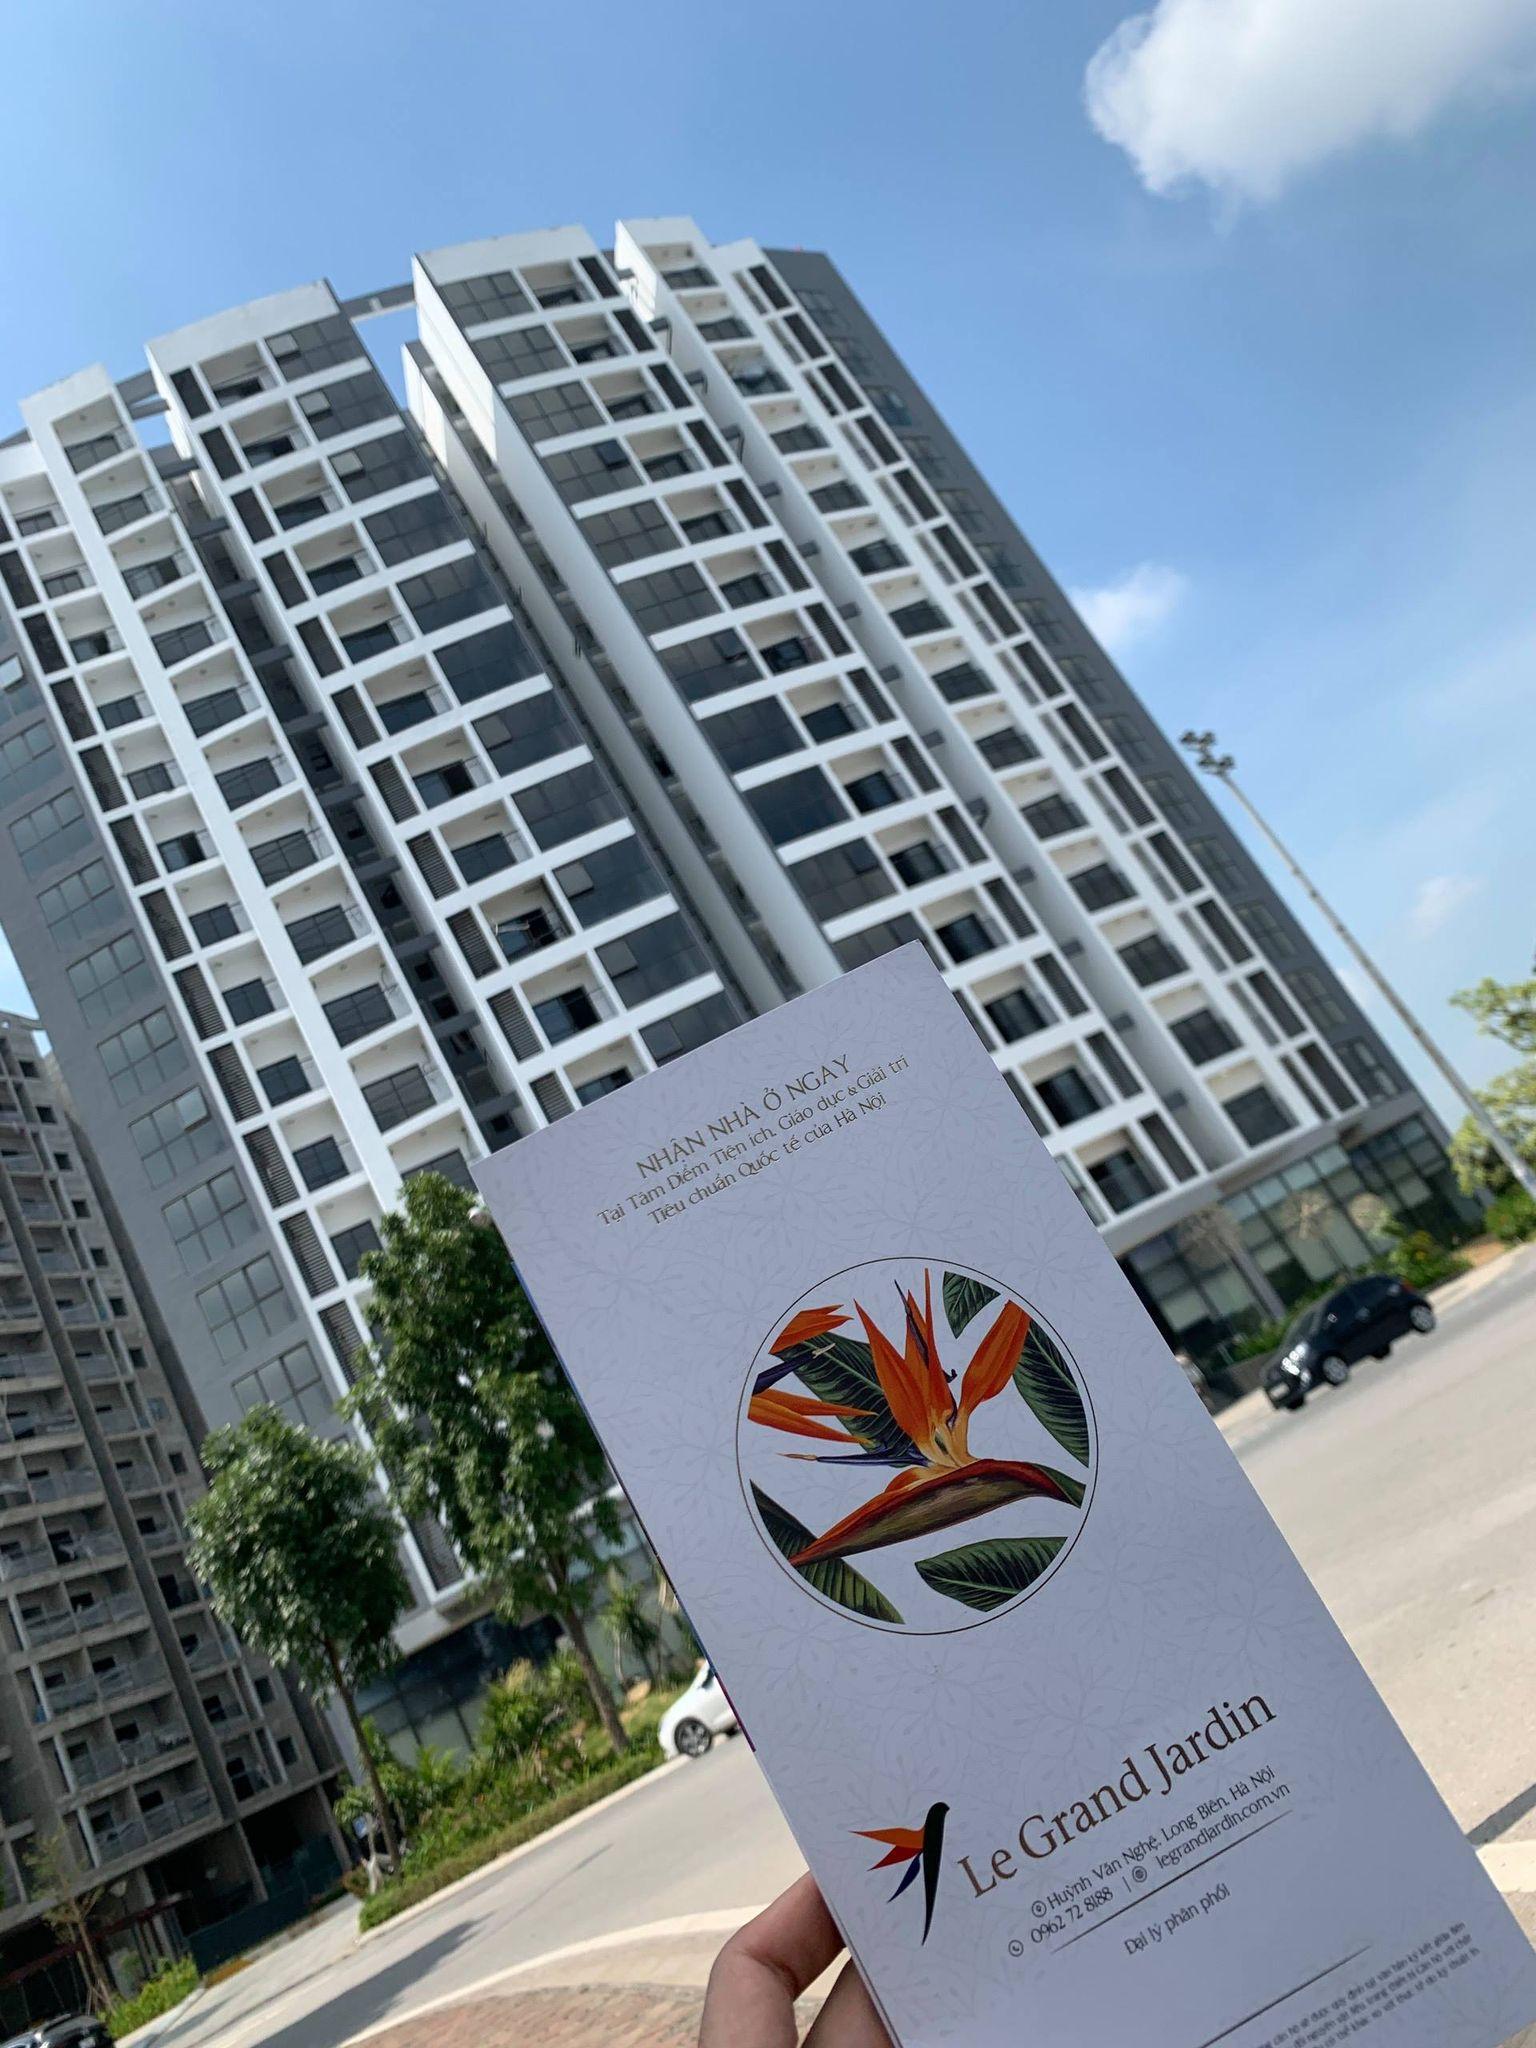 Cần bán Căn hộ chung cư dự án Le Grand Jardin Sài Đồng, Diện tích 97m², Giá 2200 Triệu - LH: 0369888680